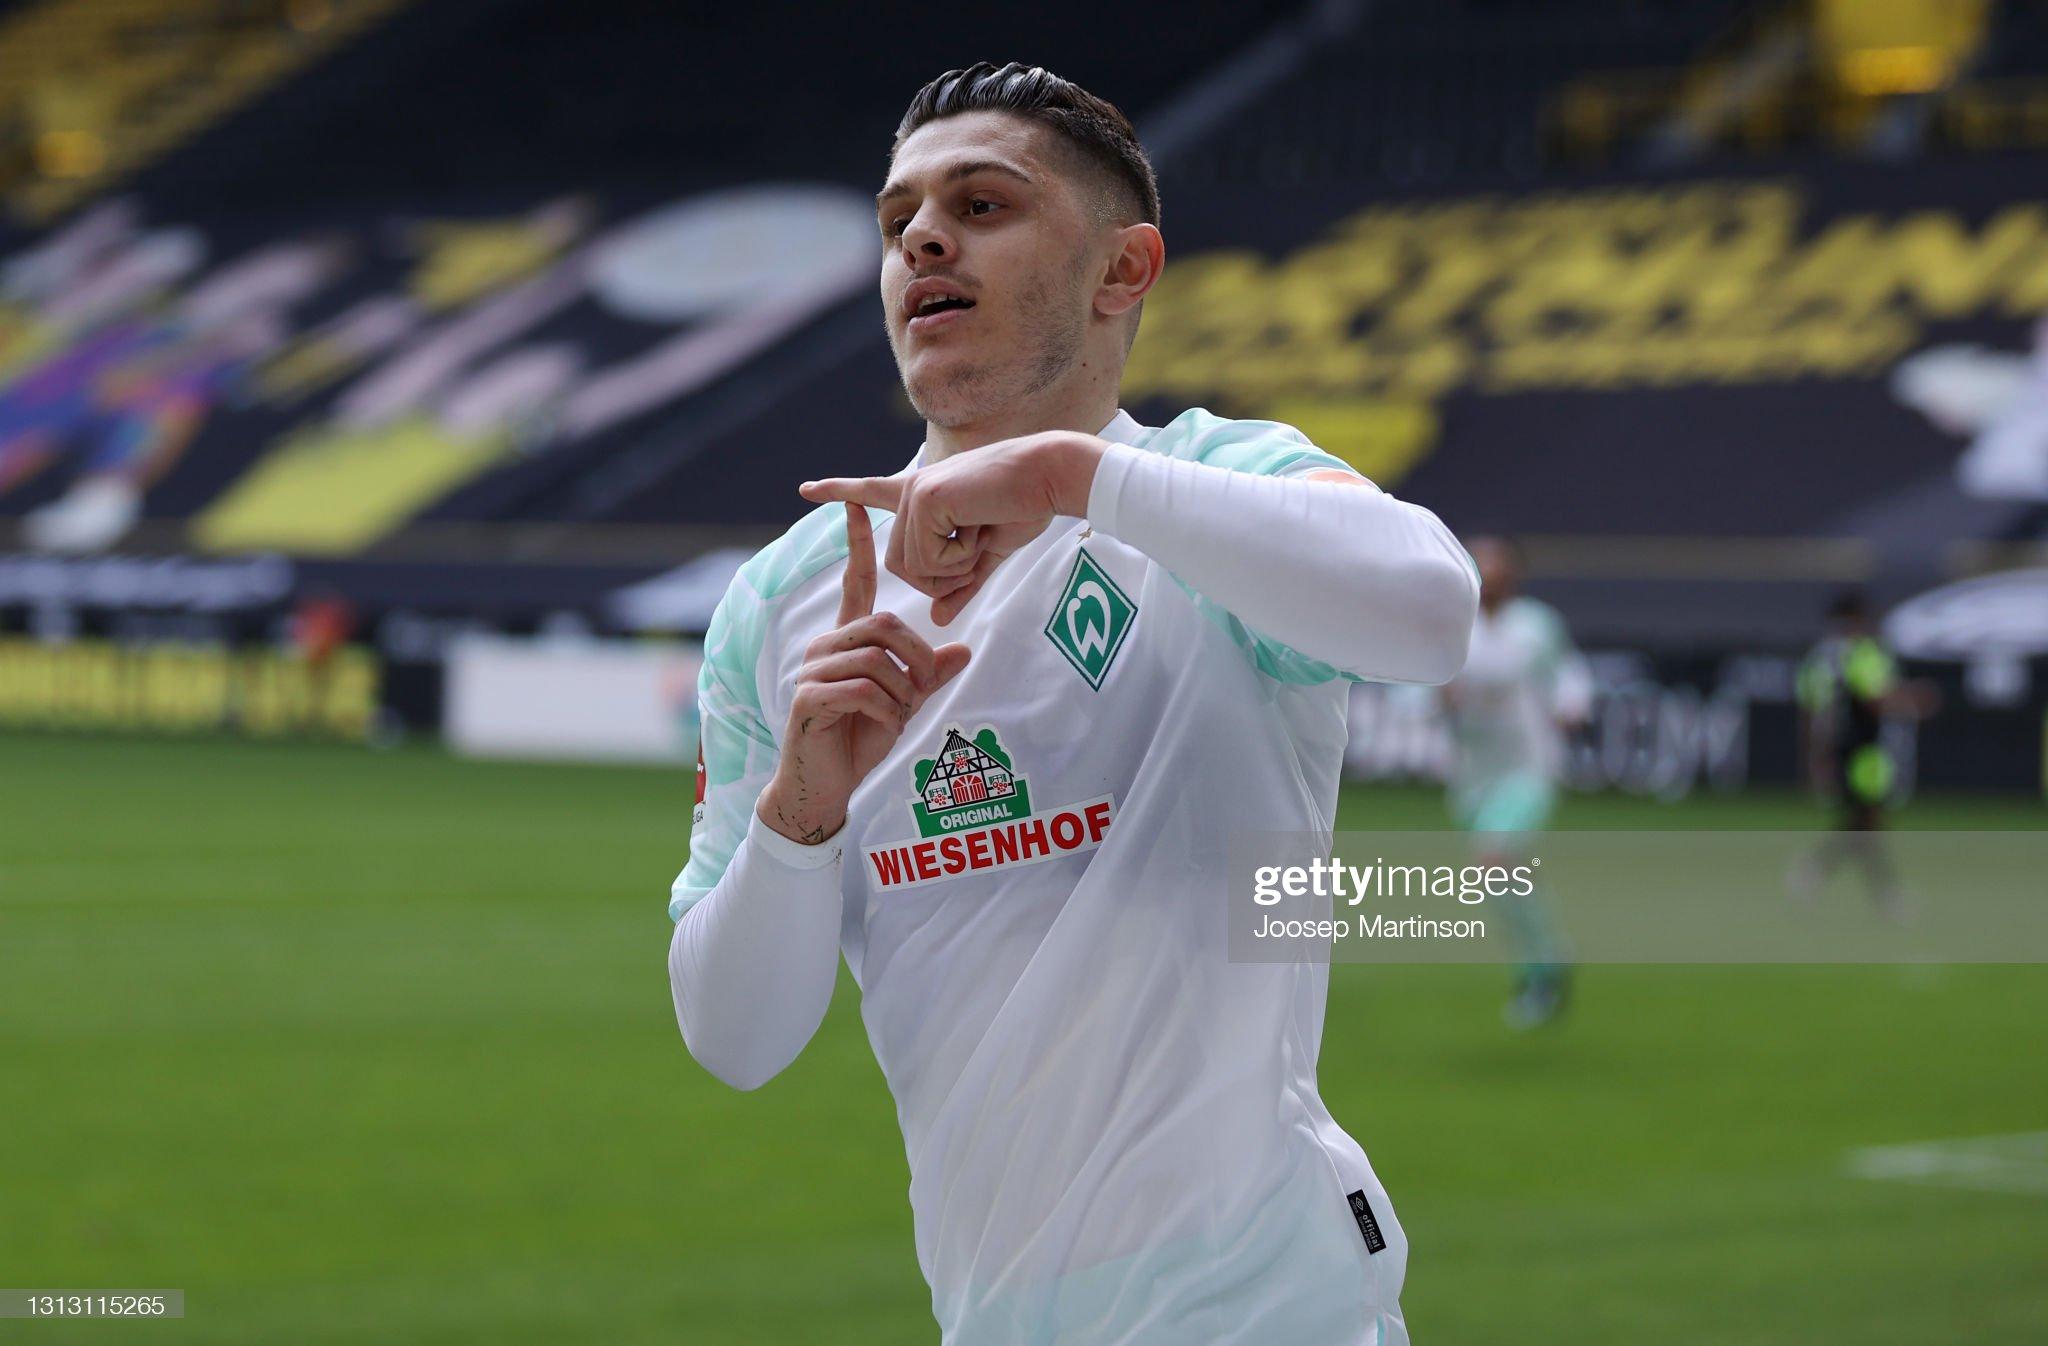 Borussia Dortmund v SV Werder Bremen - Bundesliga : ニュース写真